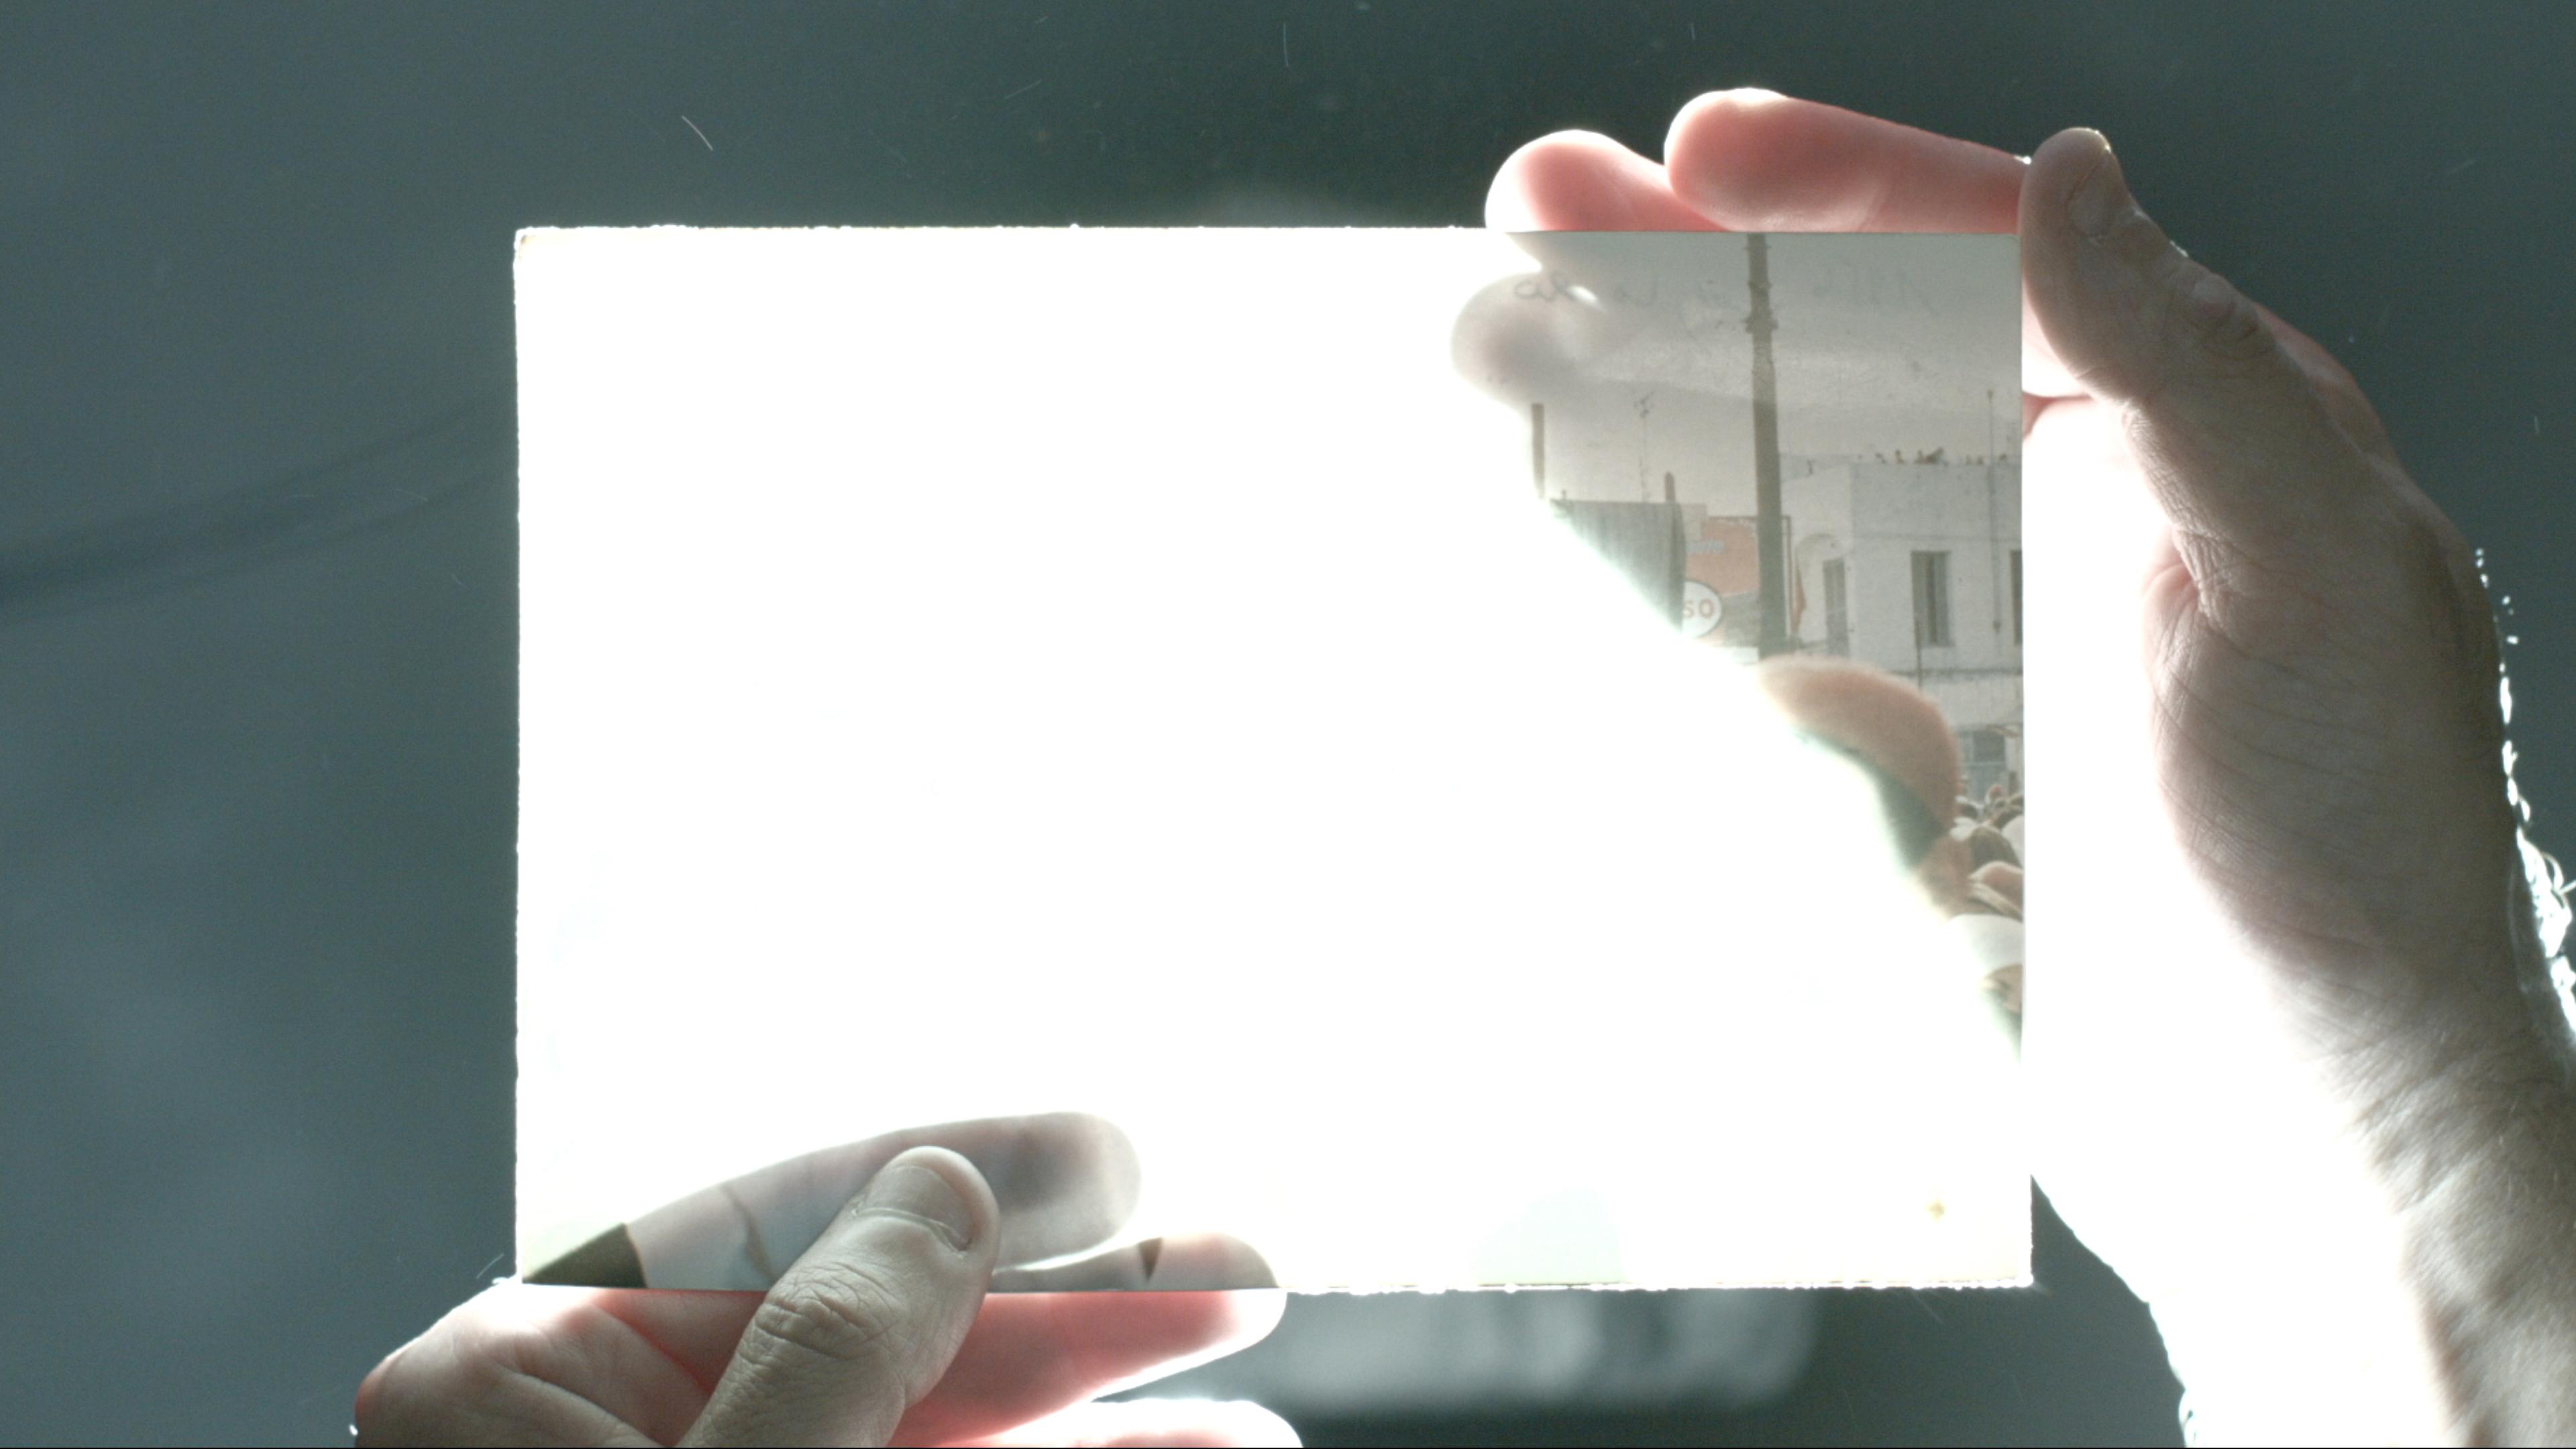 Apparition_Film Still 1.jpg